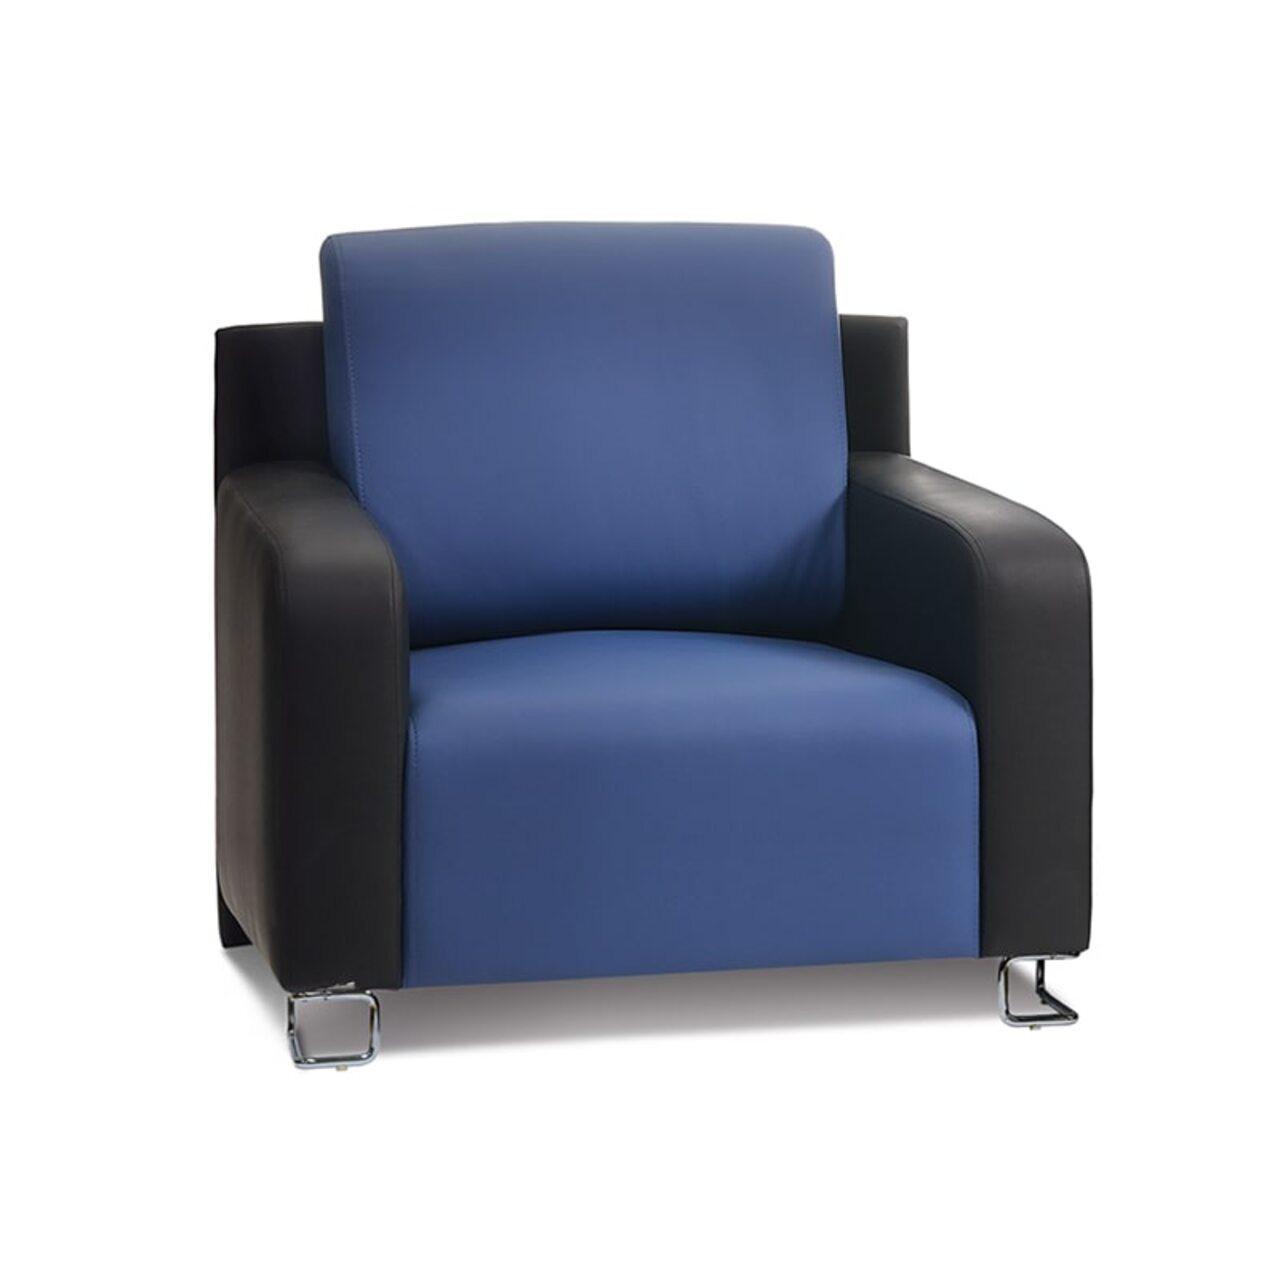 Кресло  Муссон 88x85x78 - фото 1